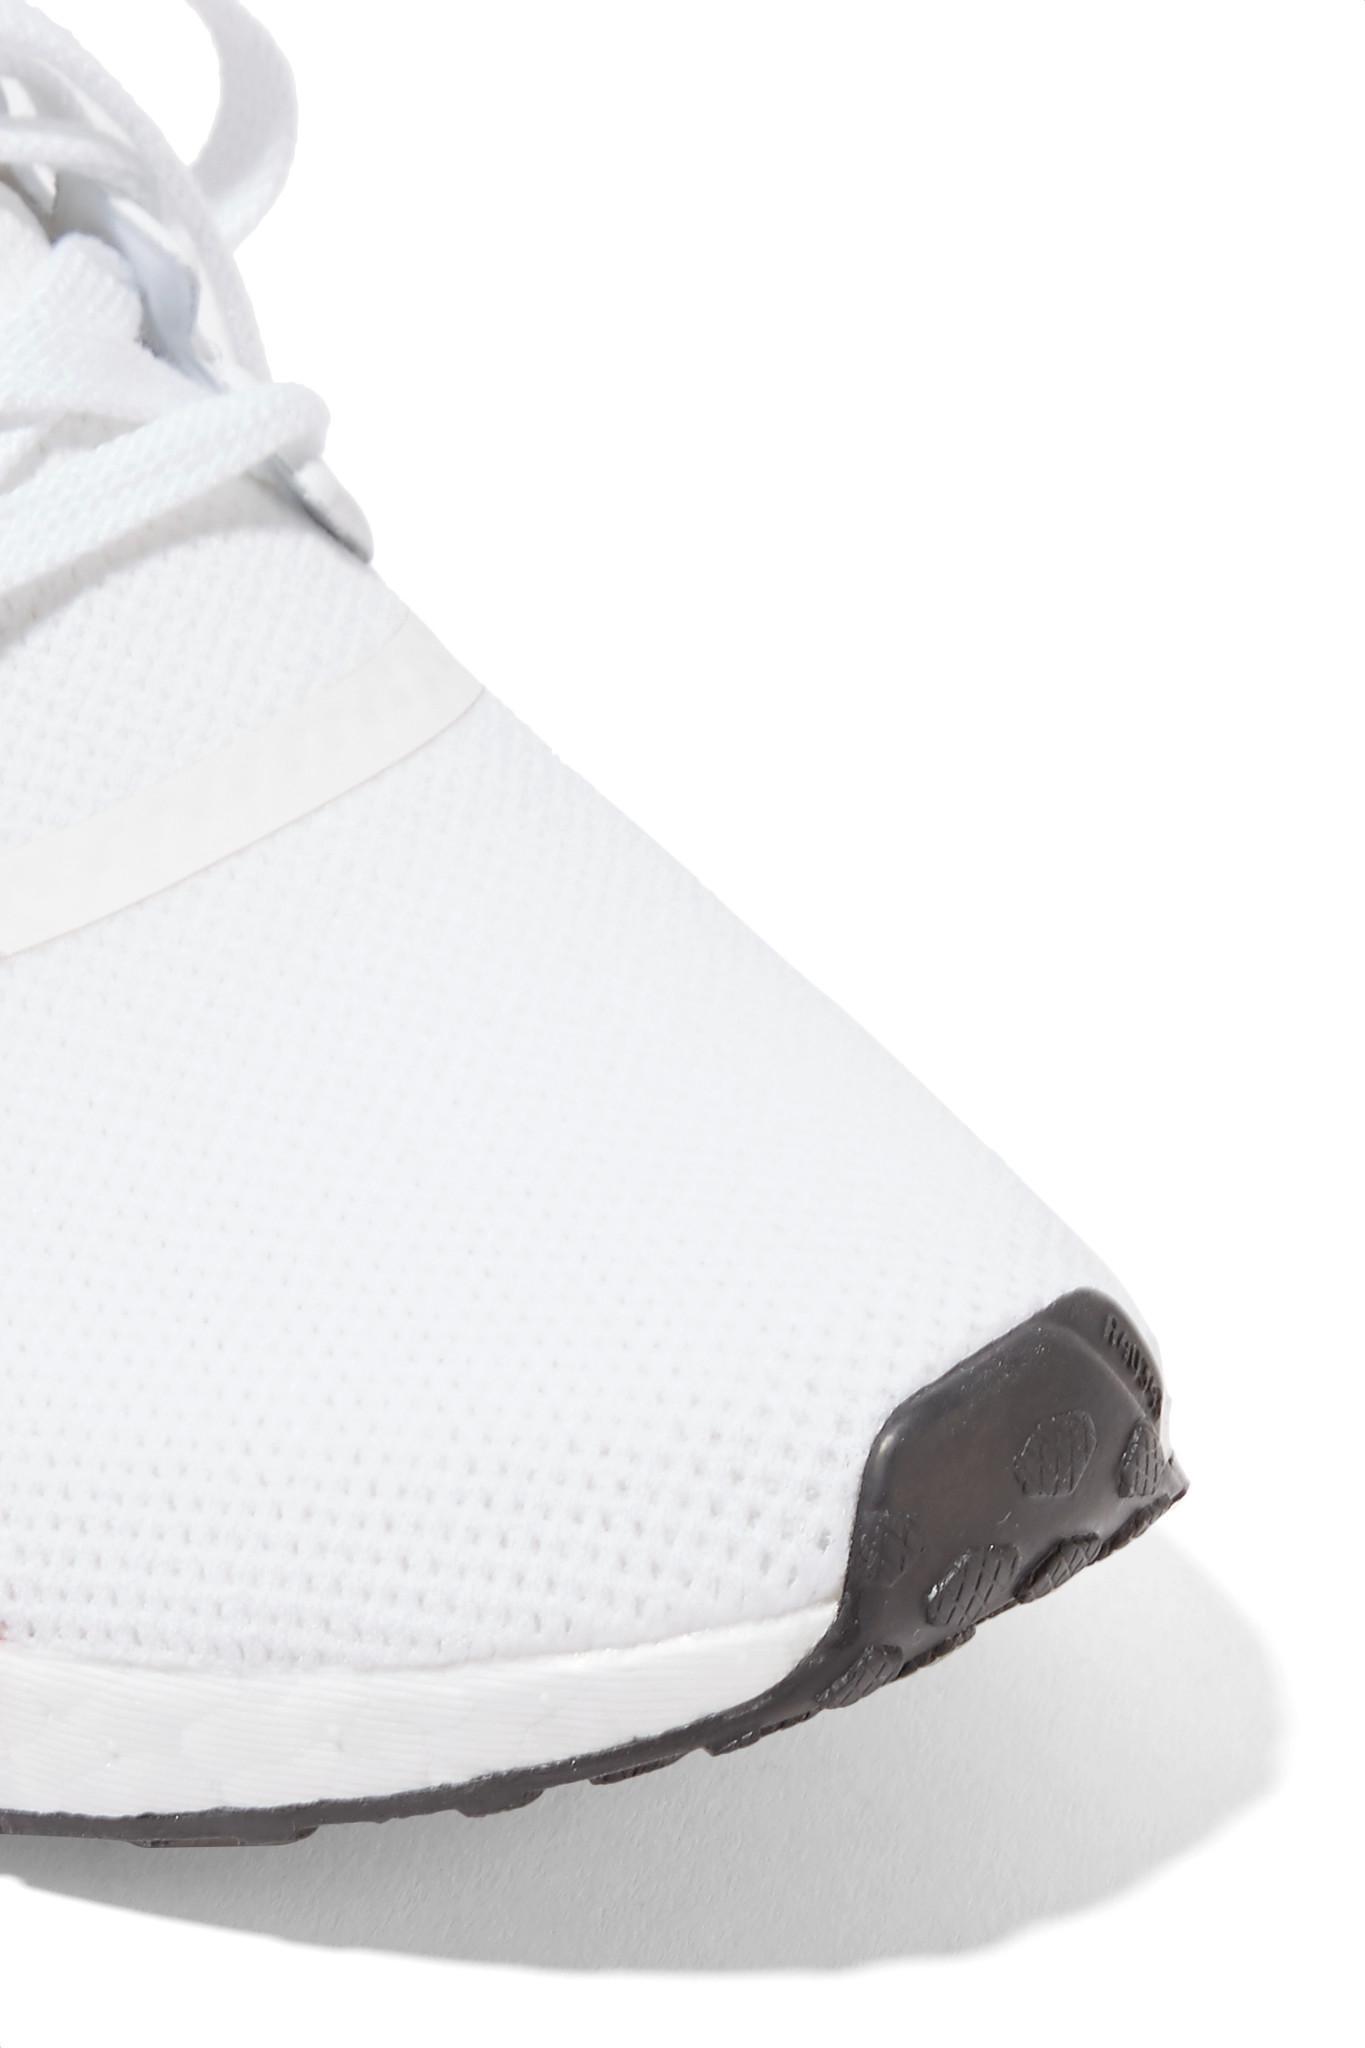 meet 6bc4e fad11 Originals Zapatillas Nmd Blanco R1 Adidas Goma En Con Lyst x